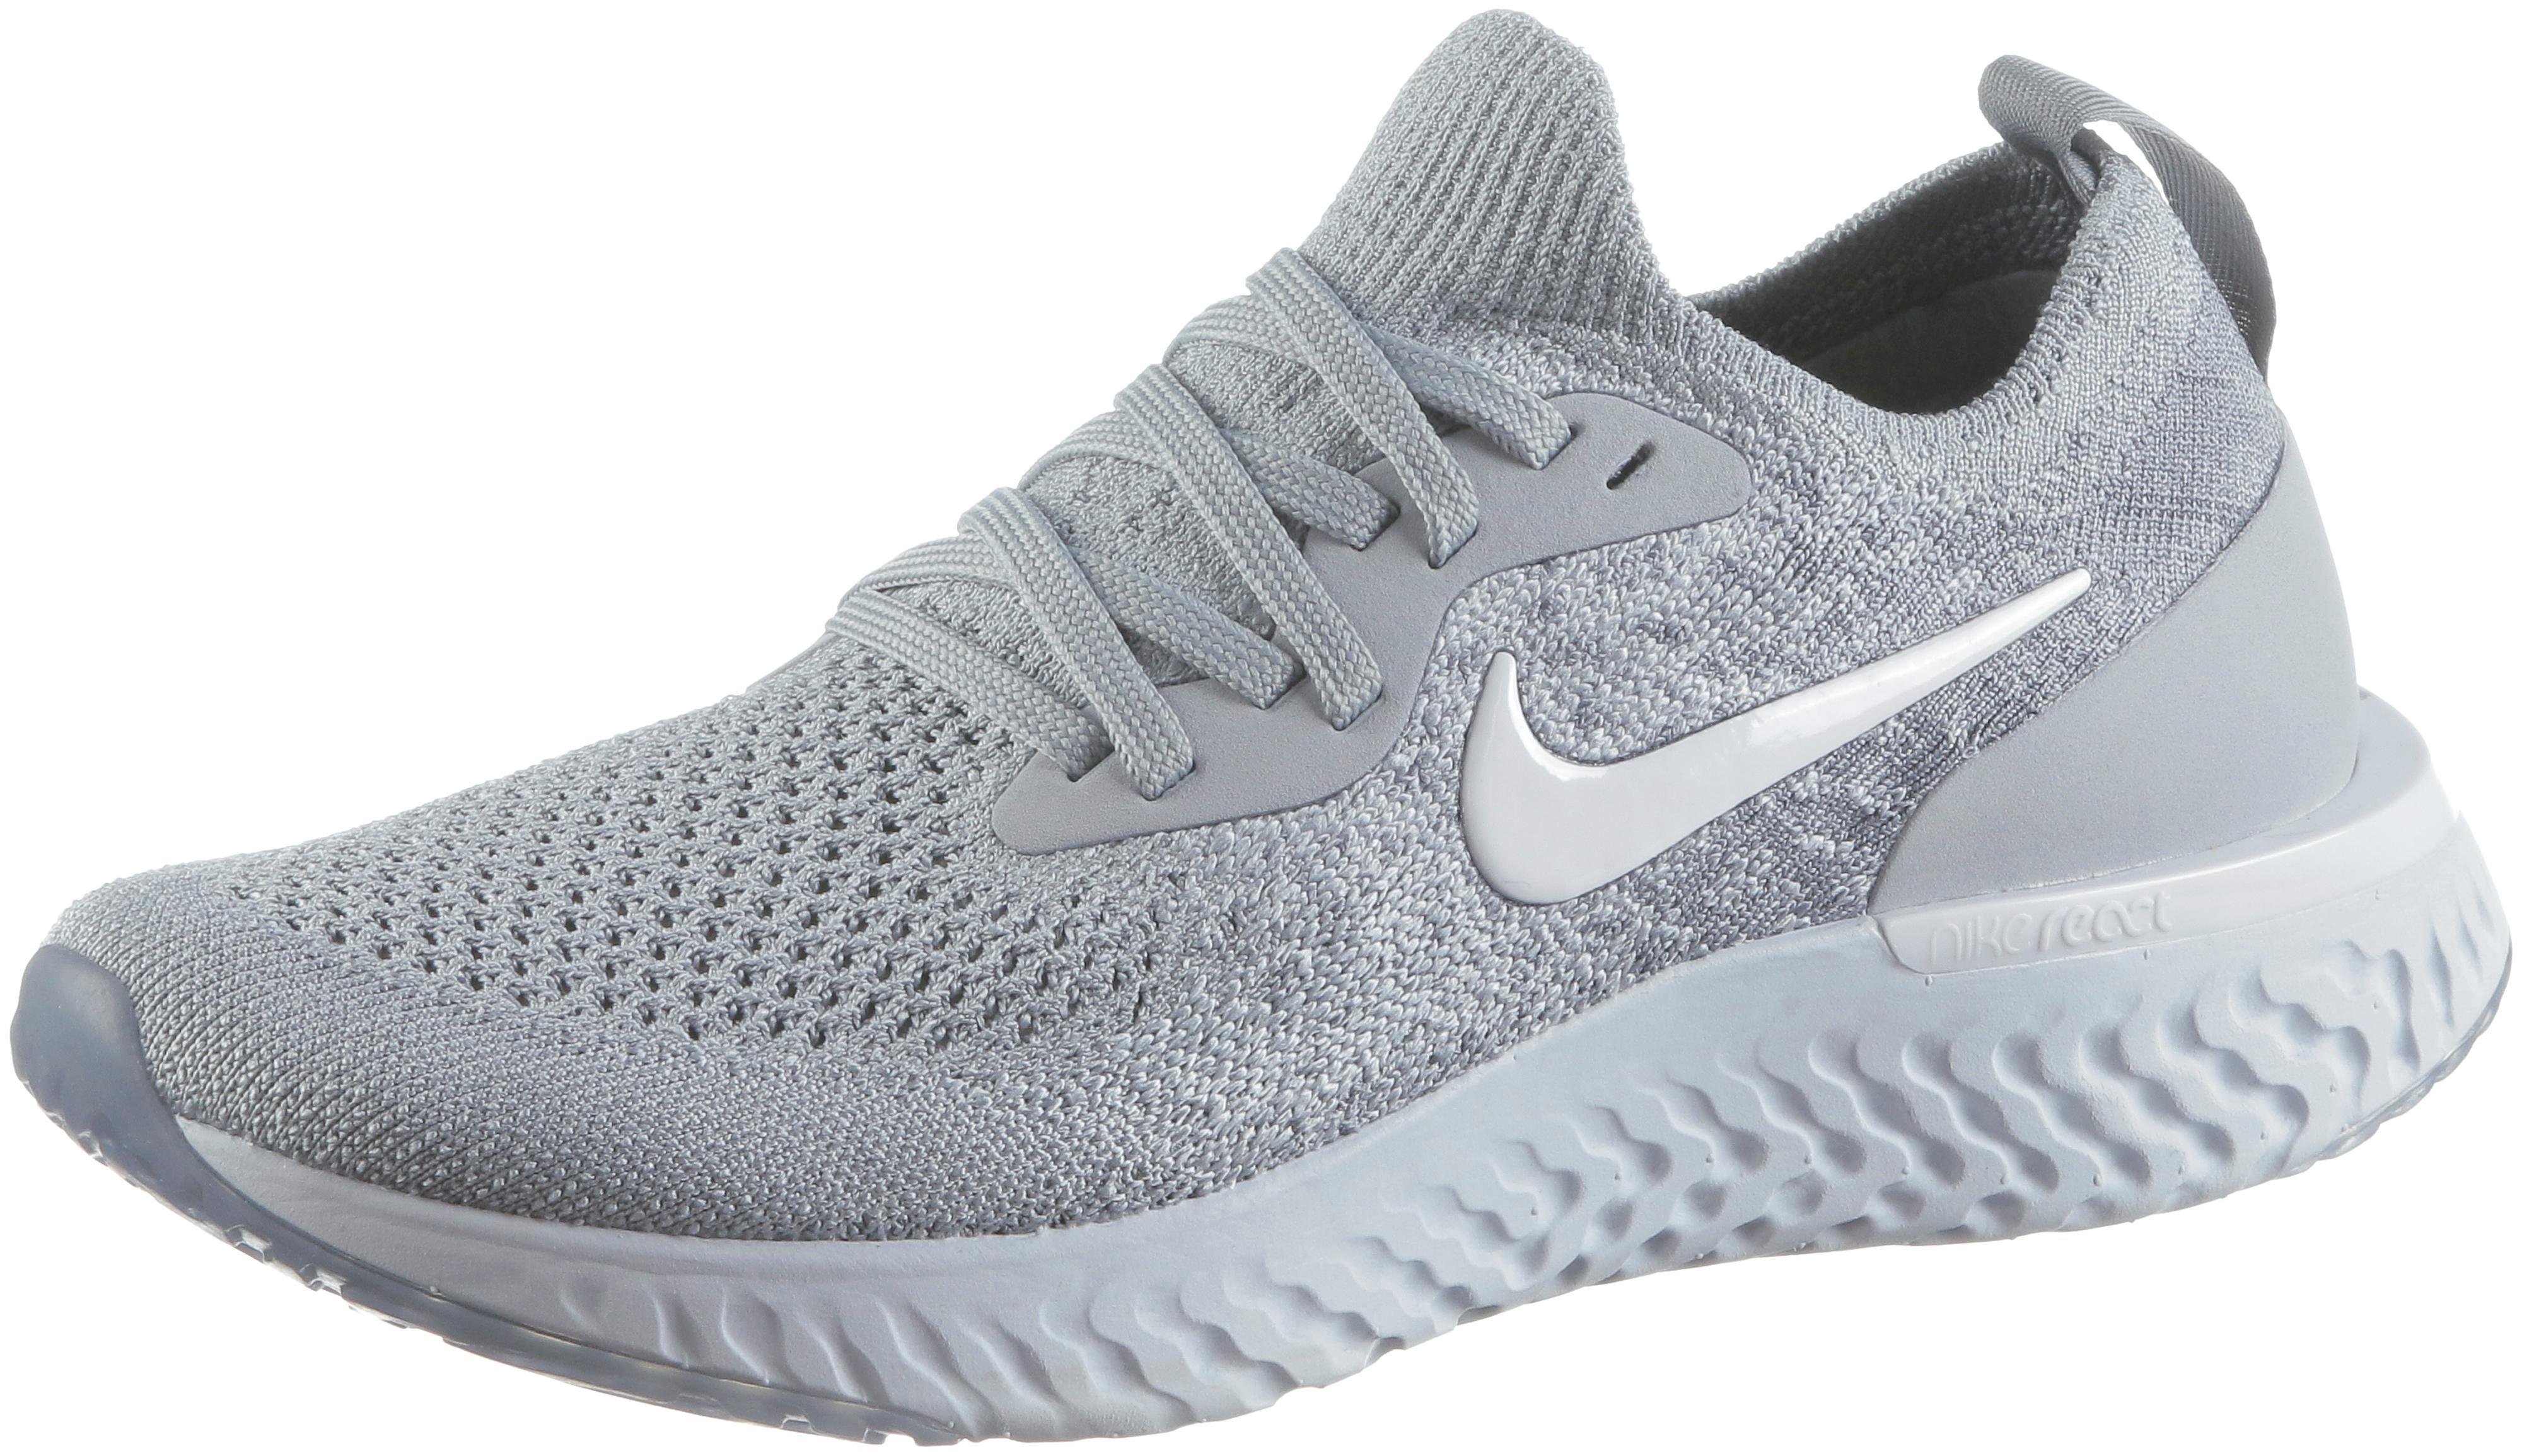 Nike React Laufschuhe Kinder wolf grey white im Online Shop von SportScheck kaufen